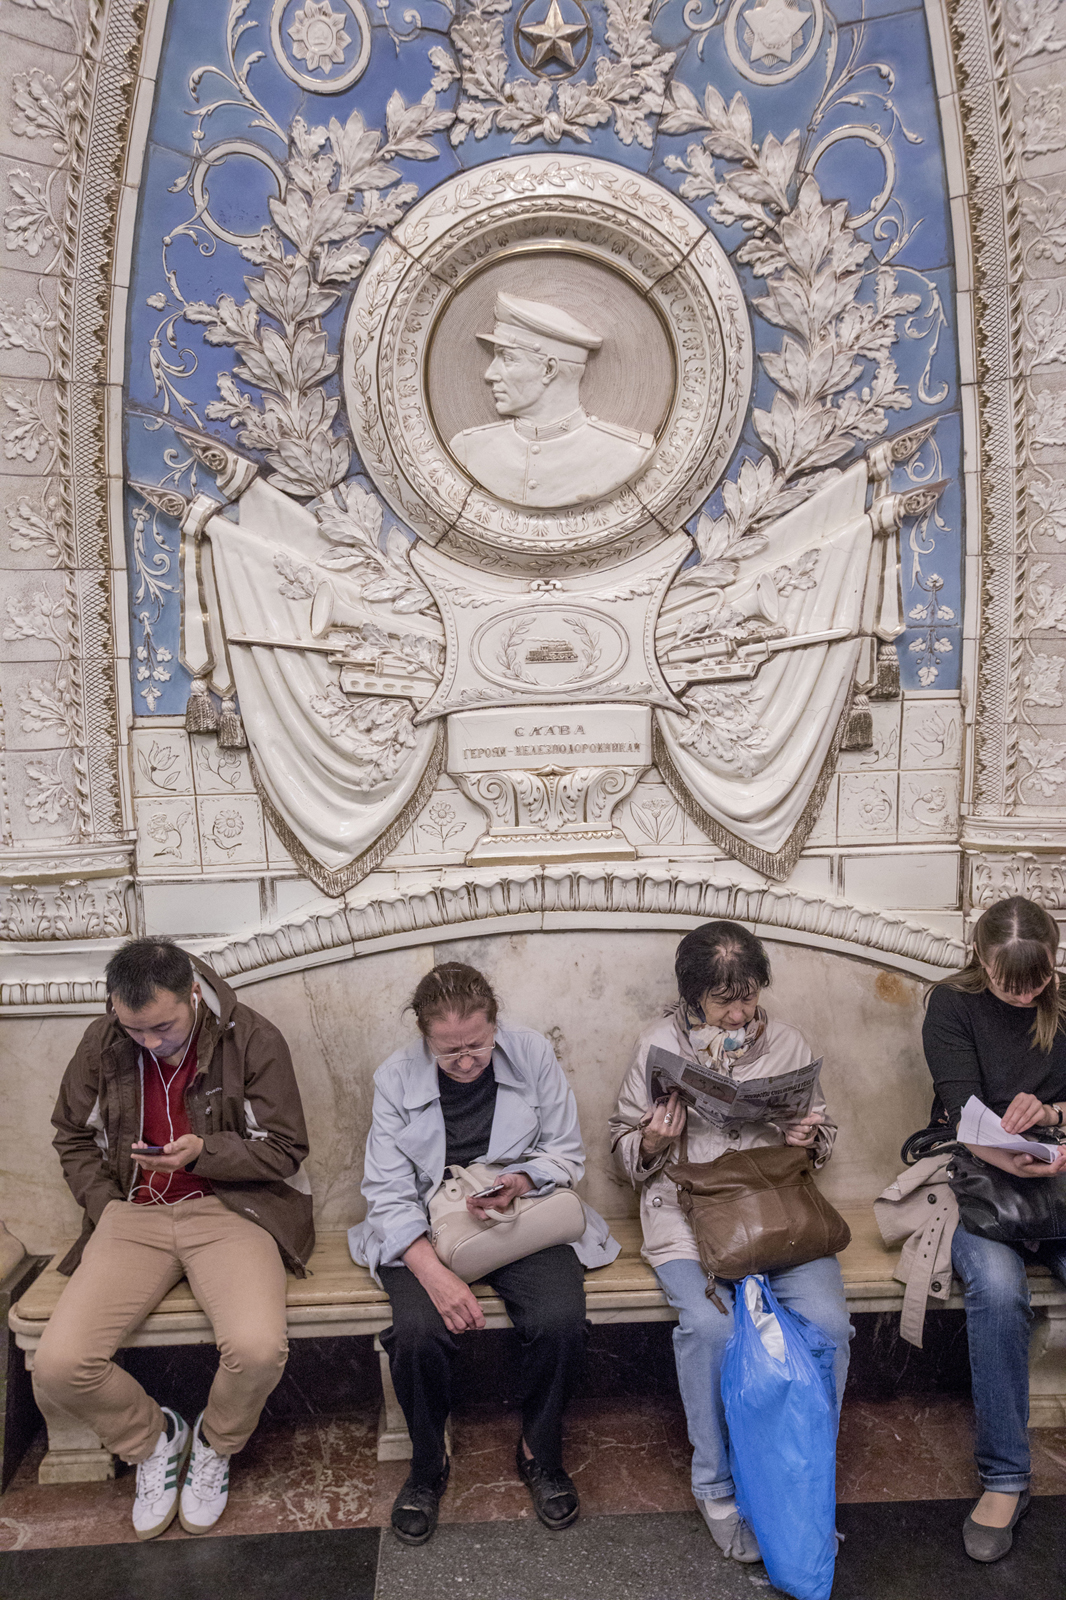 Станция «Таганская», открывшаяся в 1950 году: роскошная мозаика послевоенных лет напоминает о Второй Мировой войне.